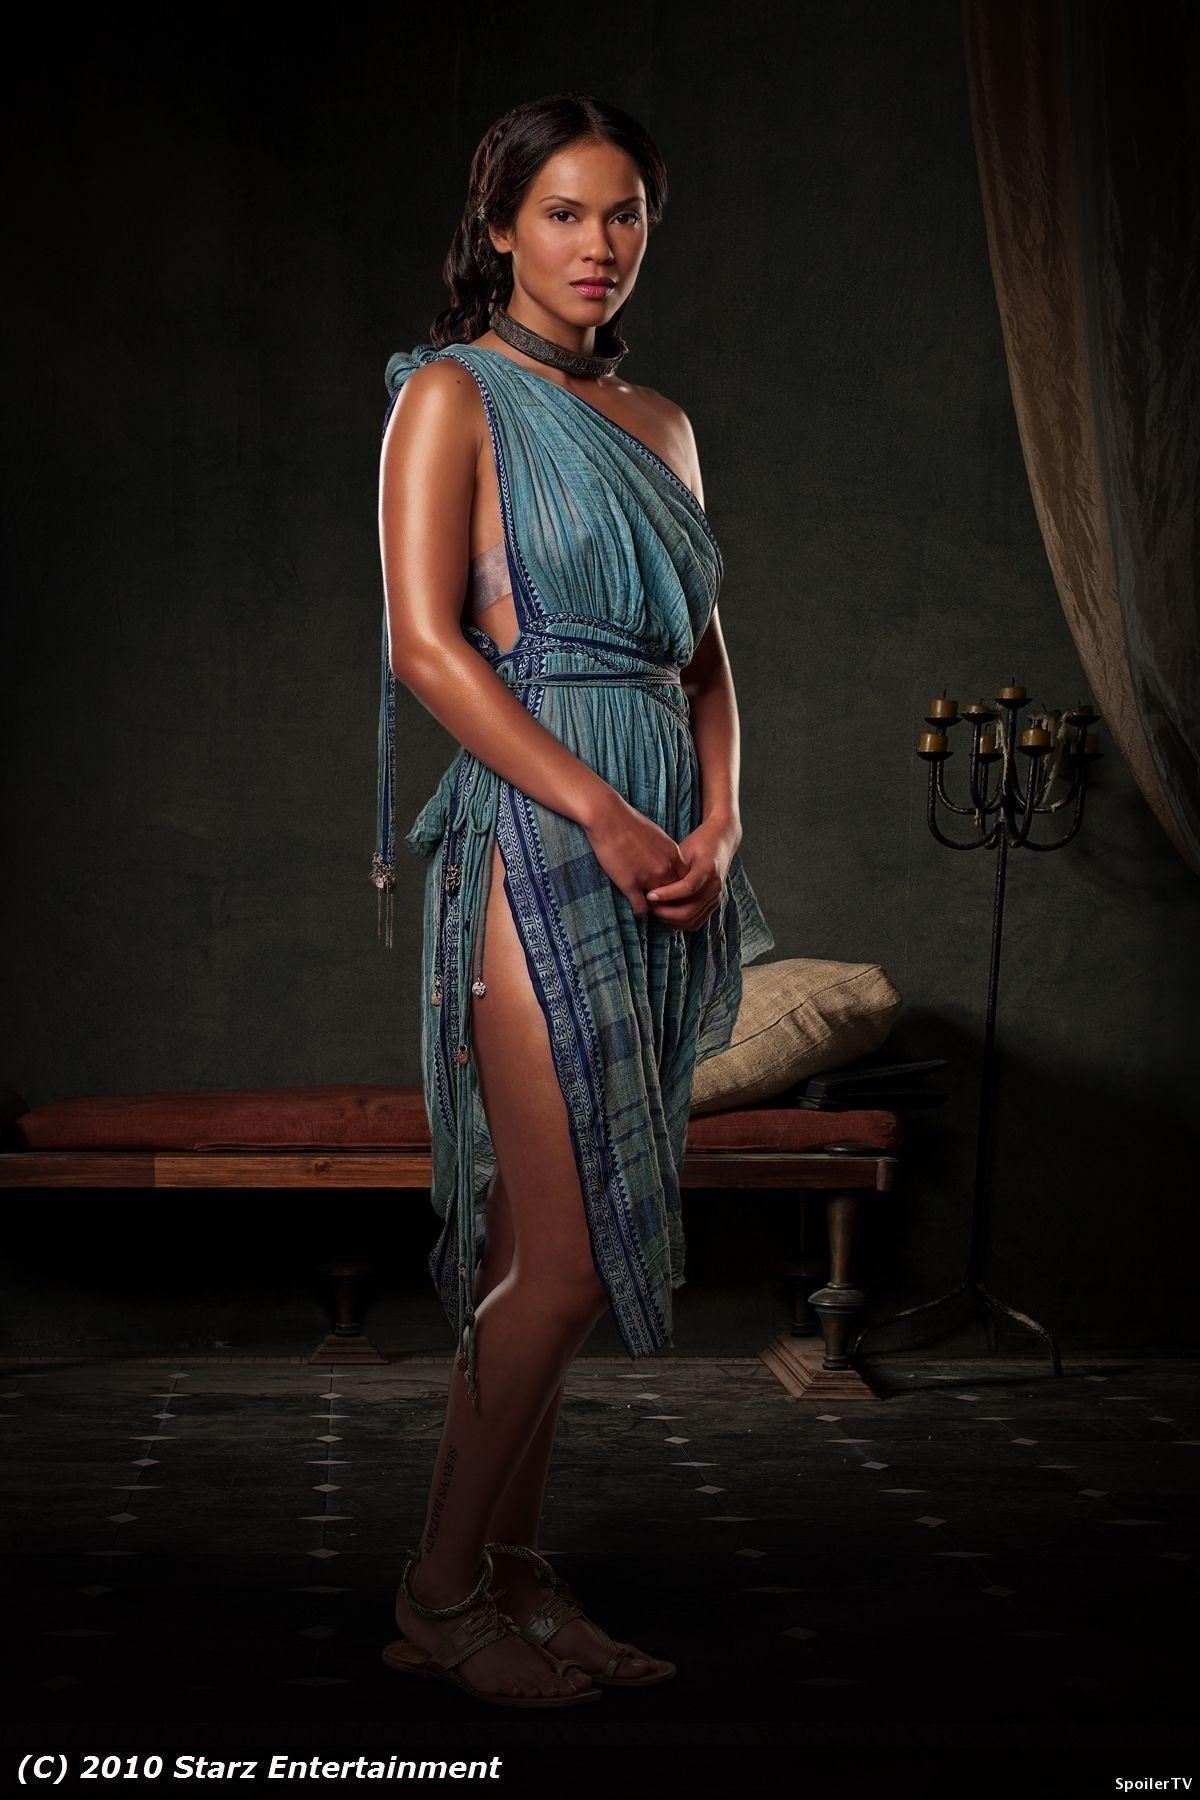 lesley-ann brandt (spartacus) | lucifer the cast | pinterest